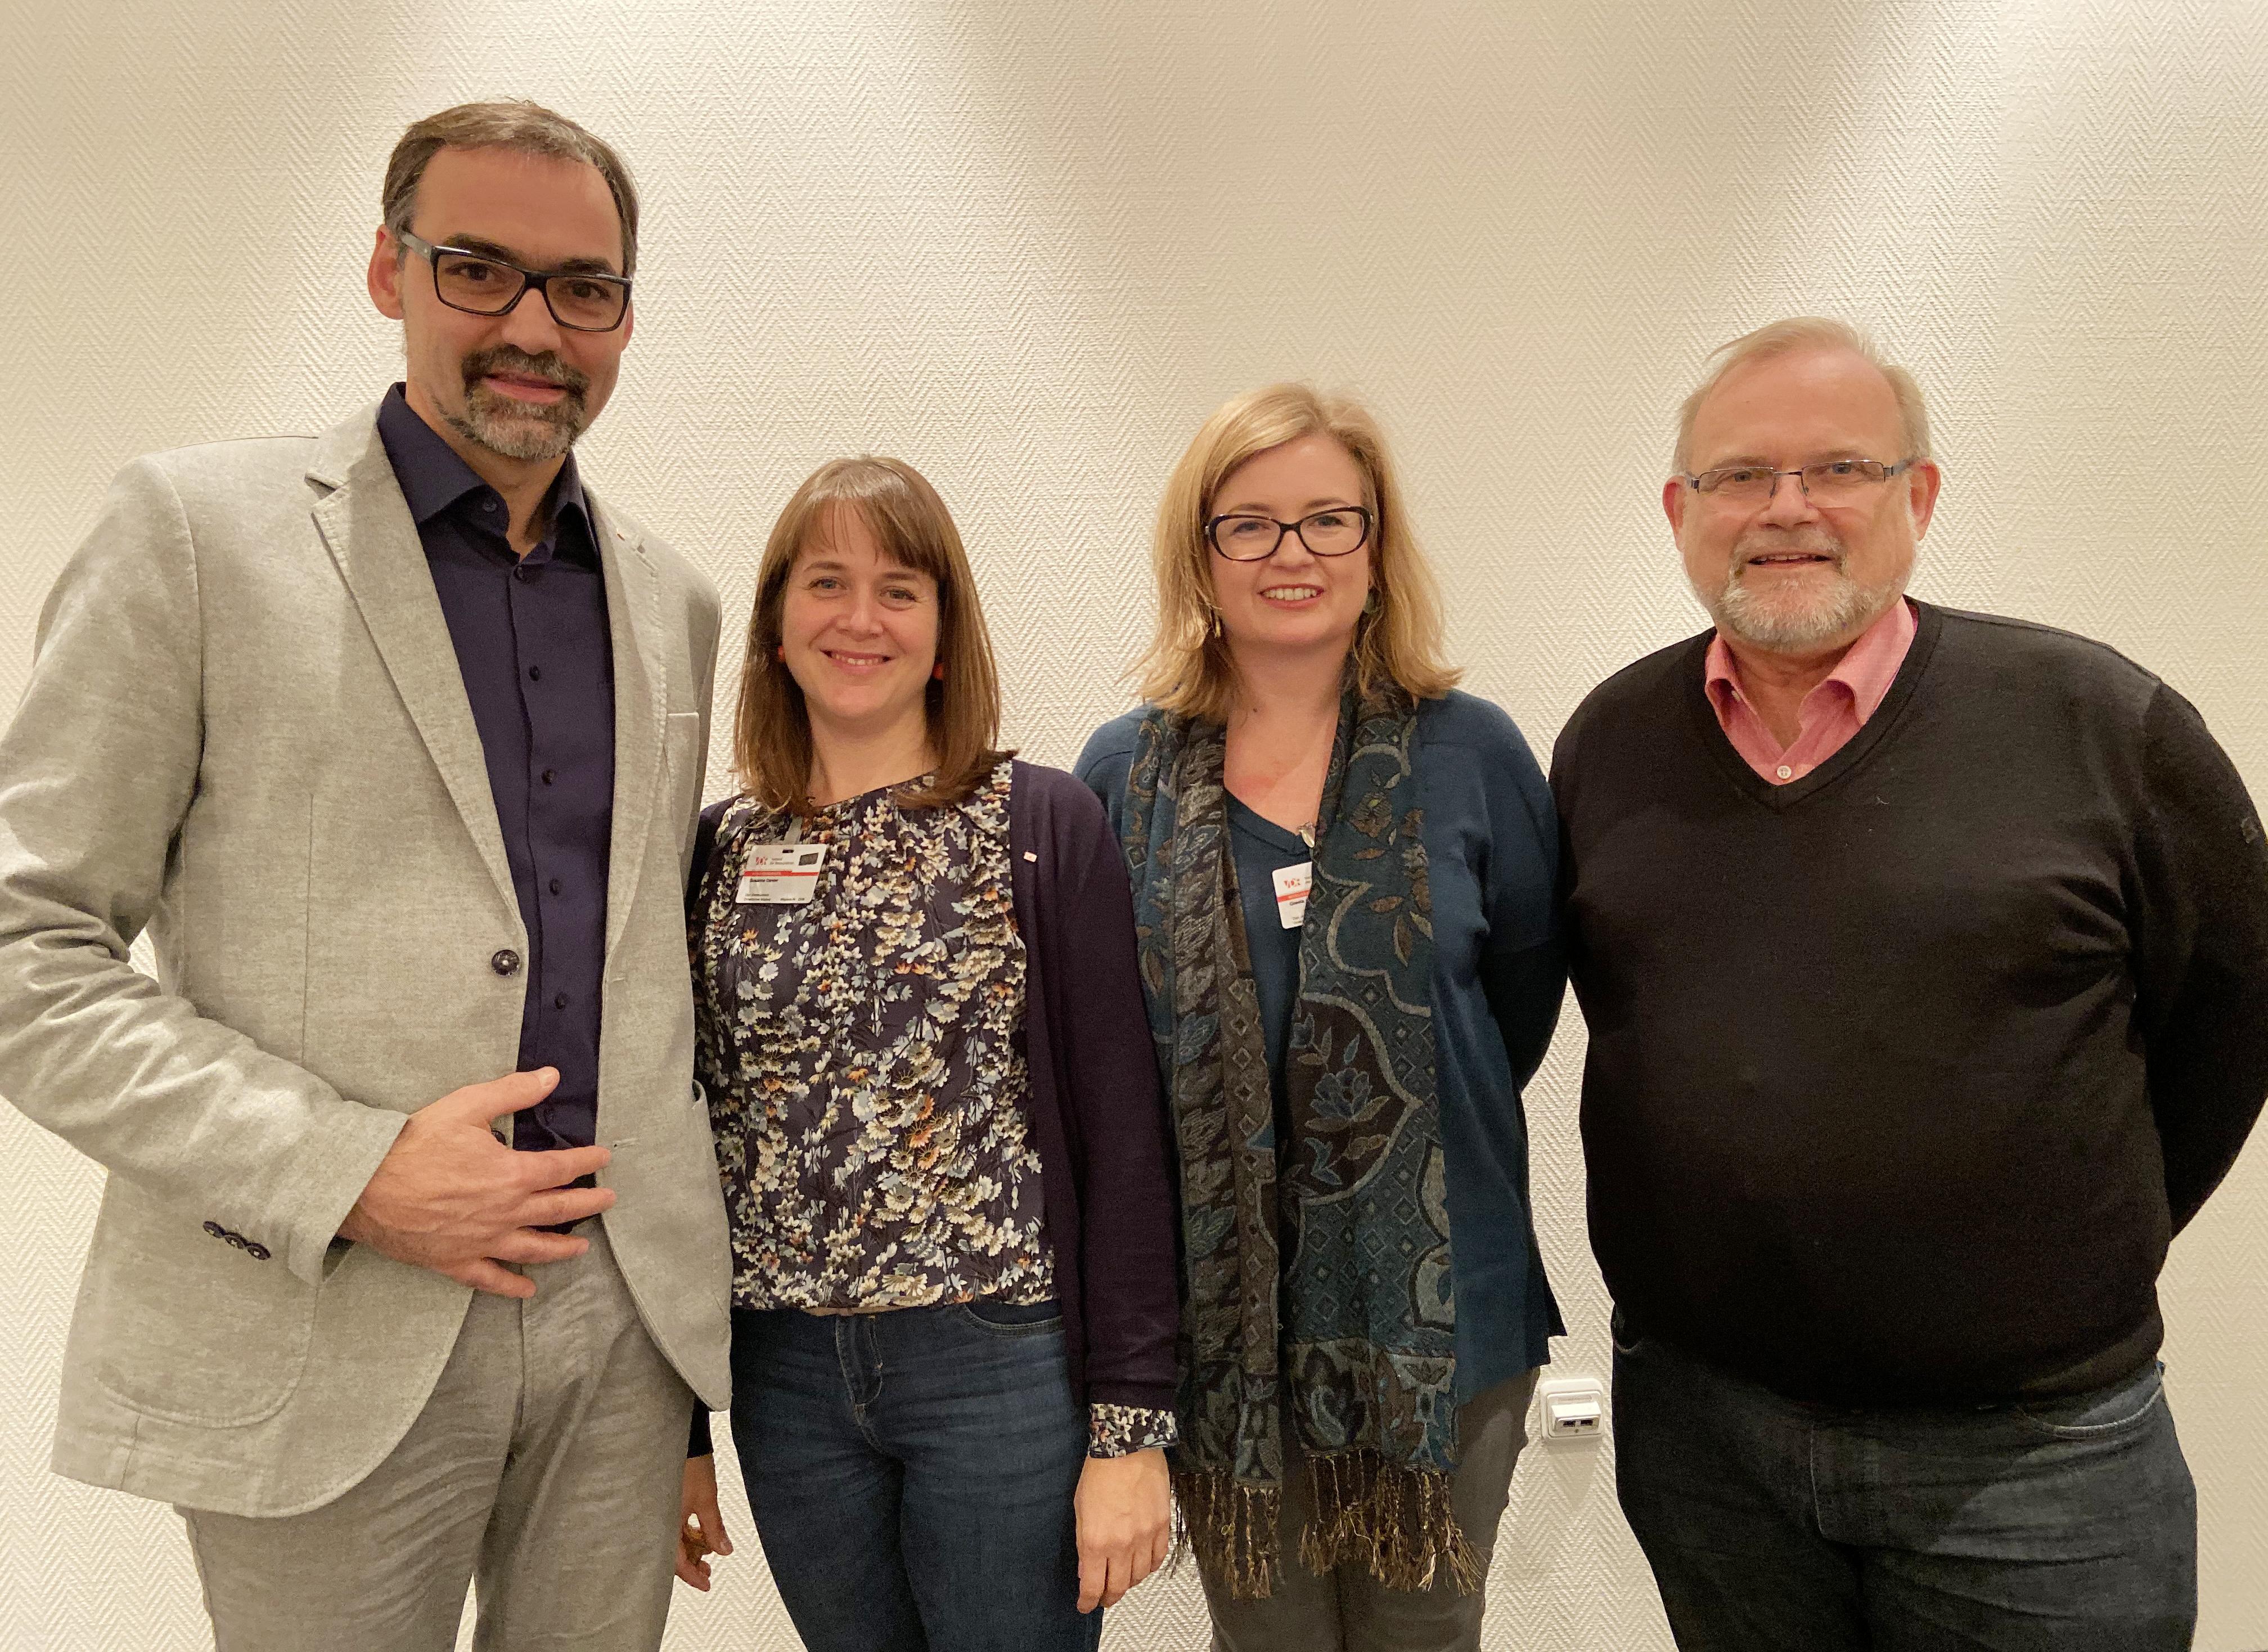 Das neue Präsidium (v.li.) Sven Taubert, Susanne Danter, Gisela Gulbins und Dirk Sturmfels (nicht im Bild: Julia Brandt)